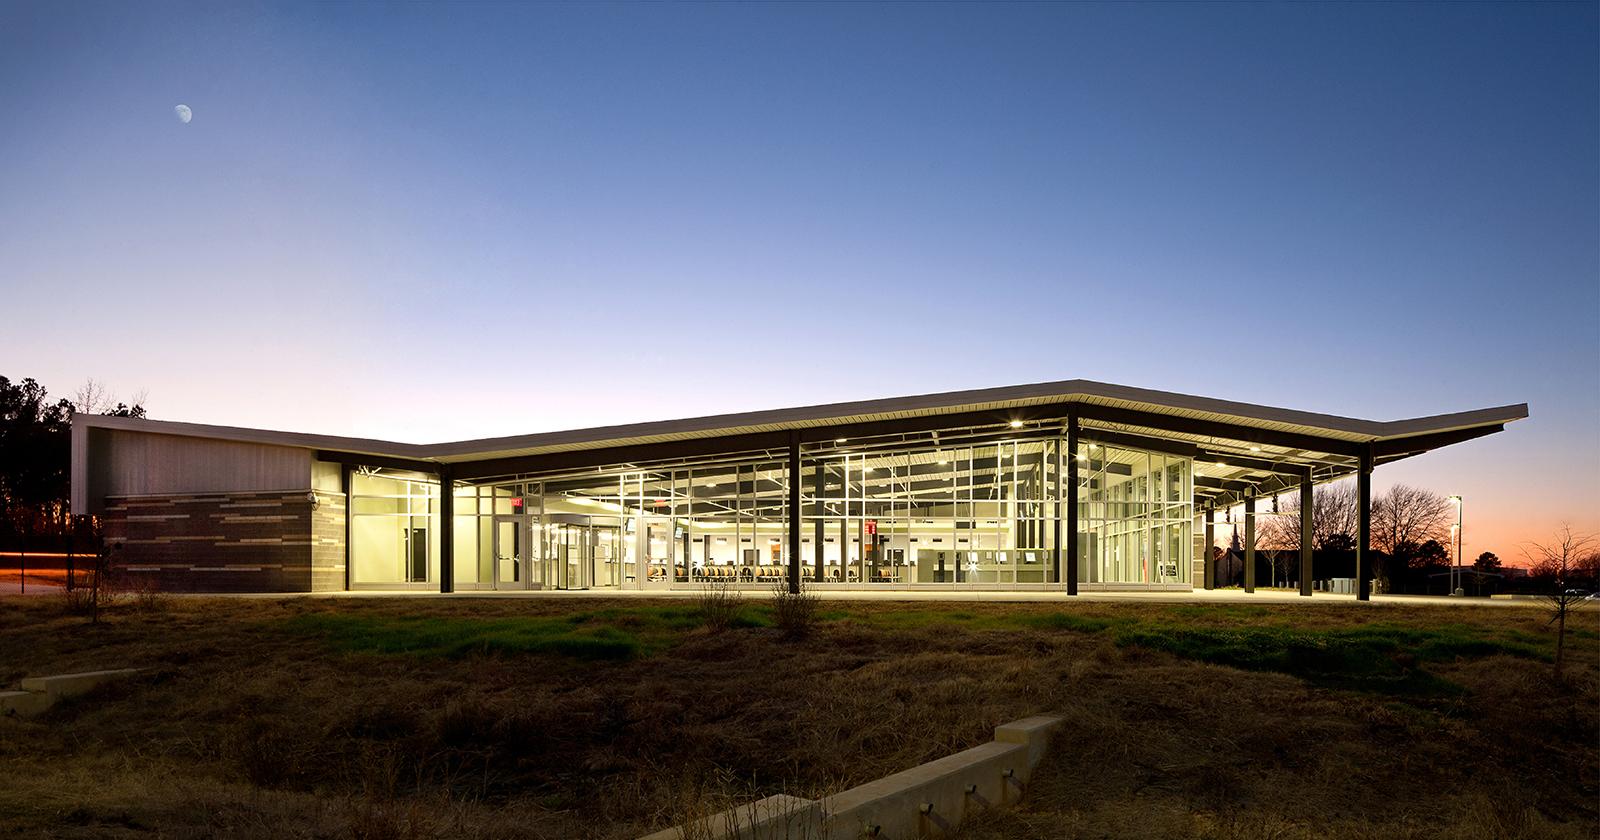 Whitehaven Driver Services Center, Memphis, TN